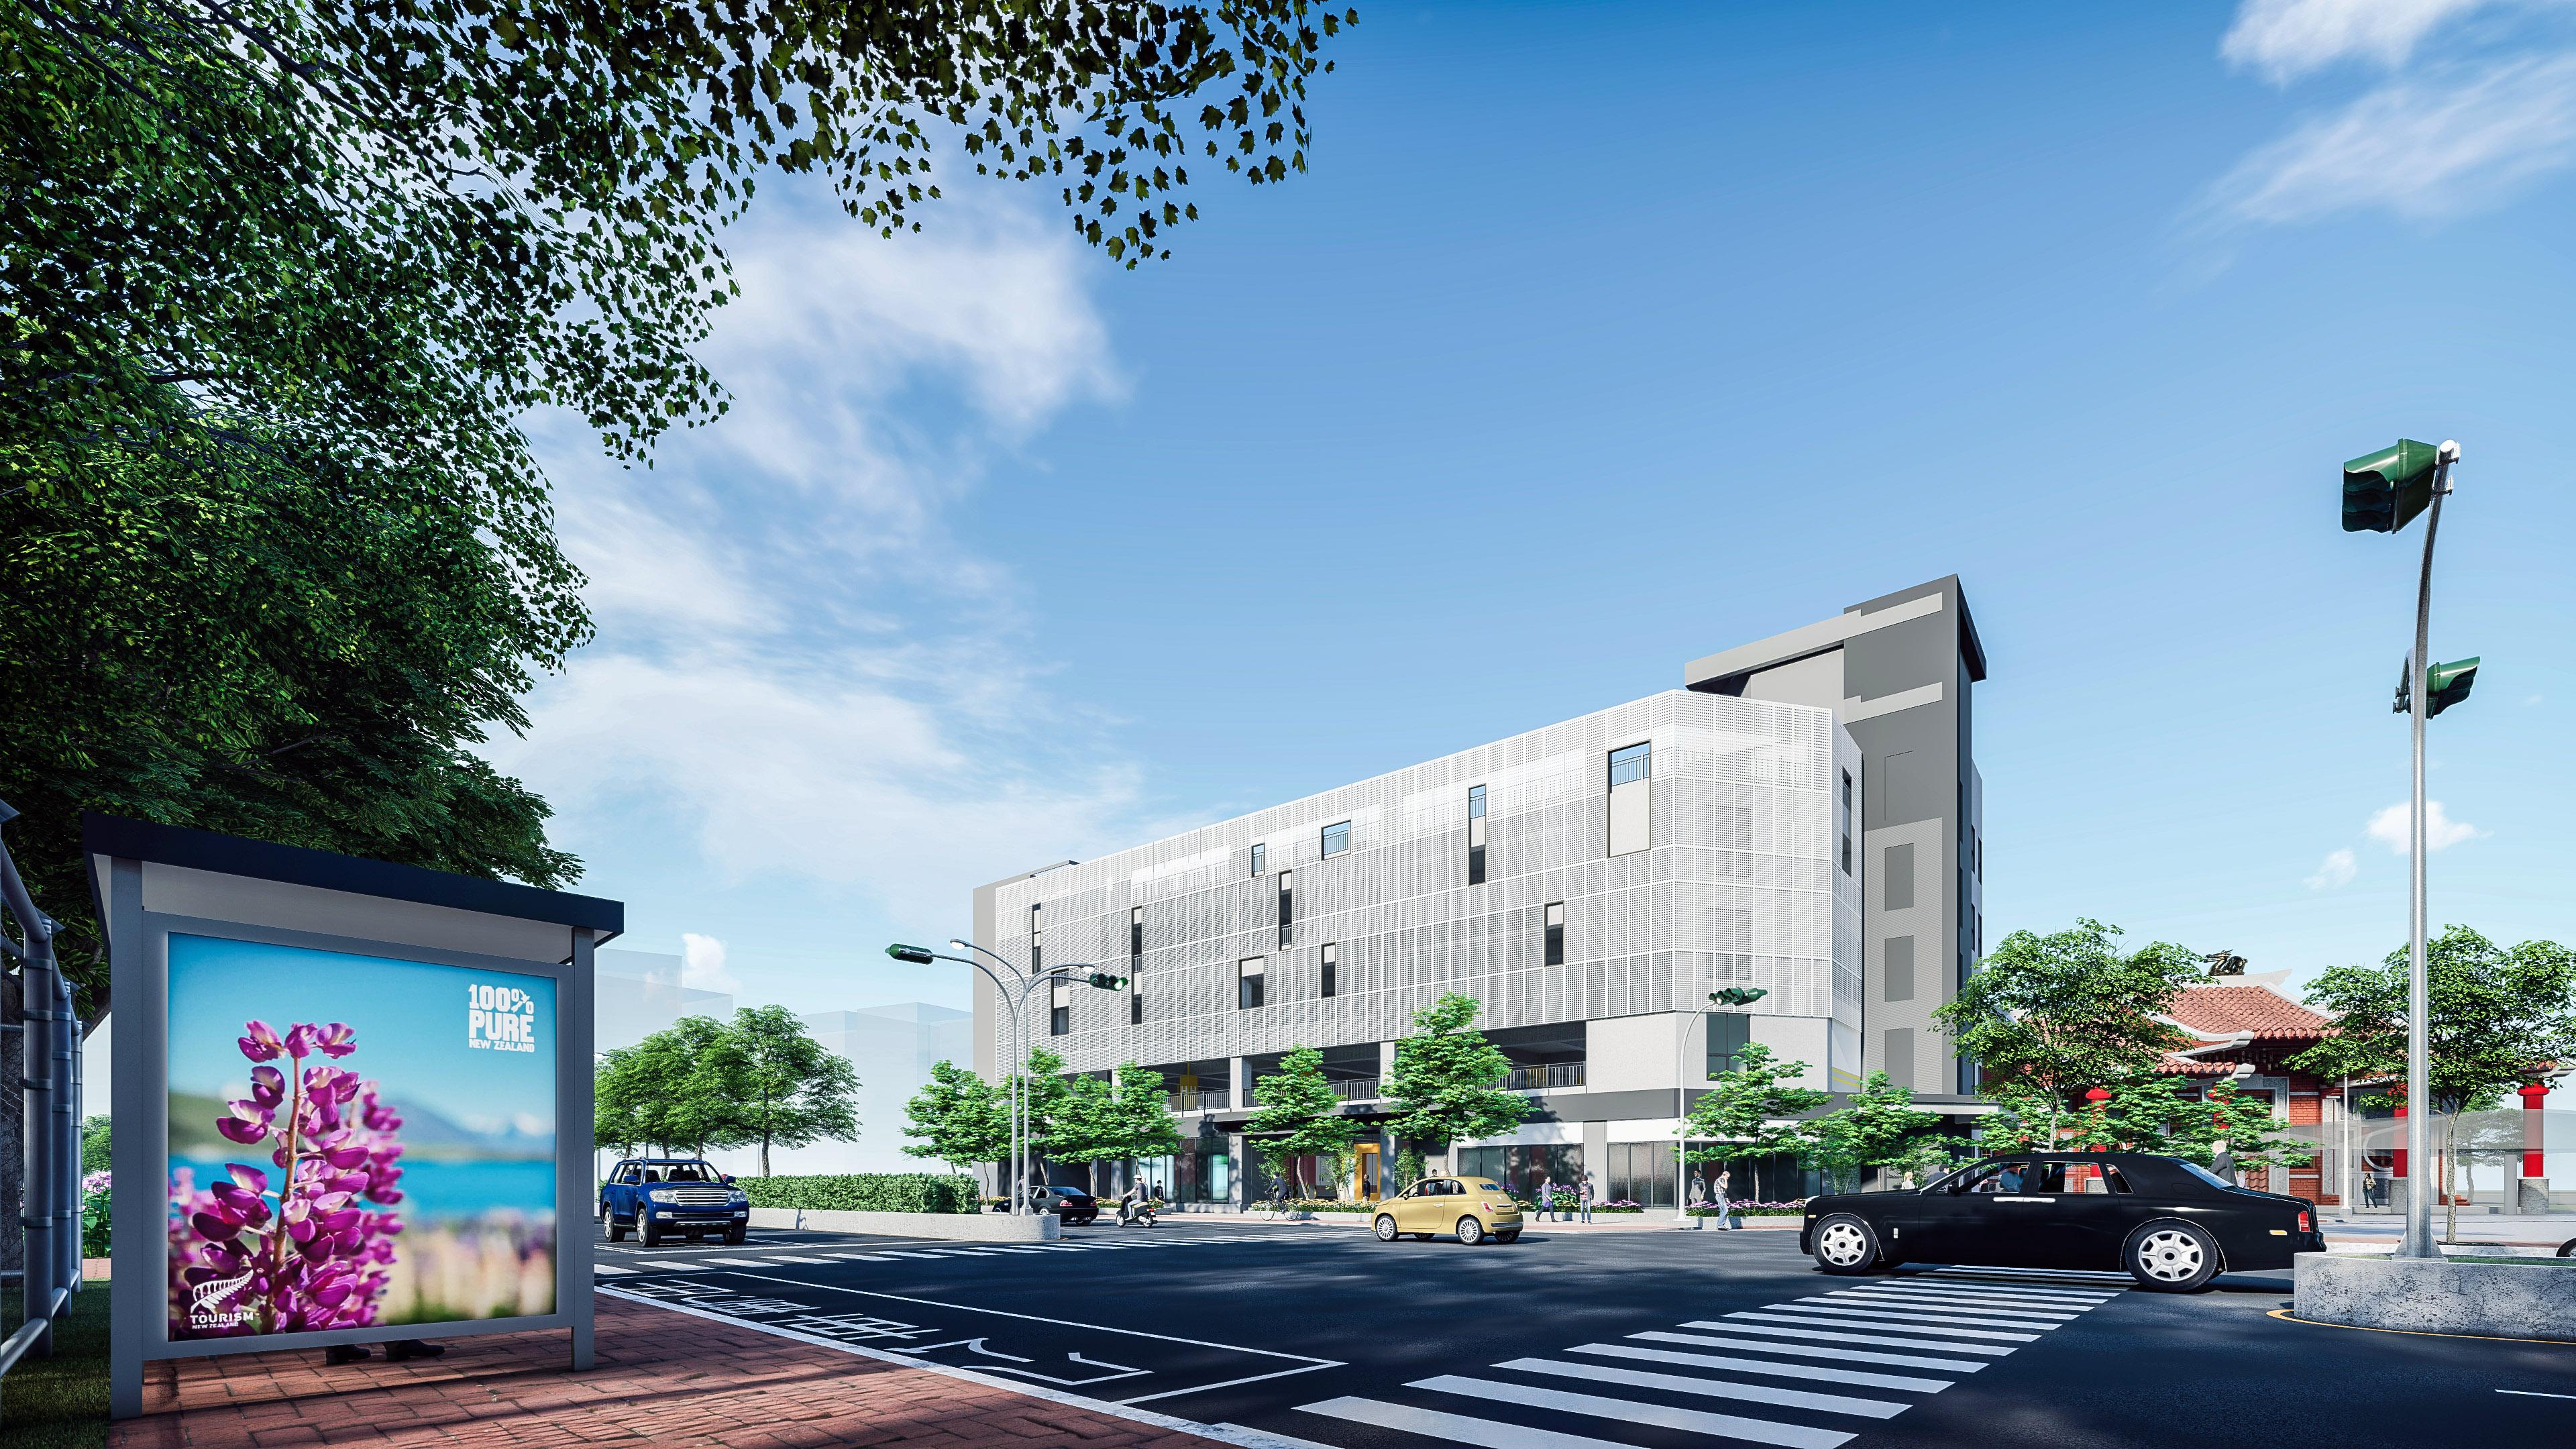 「龜山區停18立體停車場新建工程」預計今年底完工,滿足長庚醫院、龜山大坪頂地區停車需求